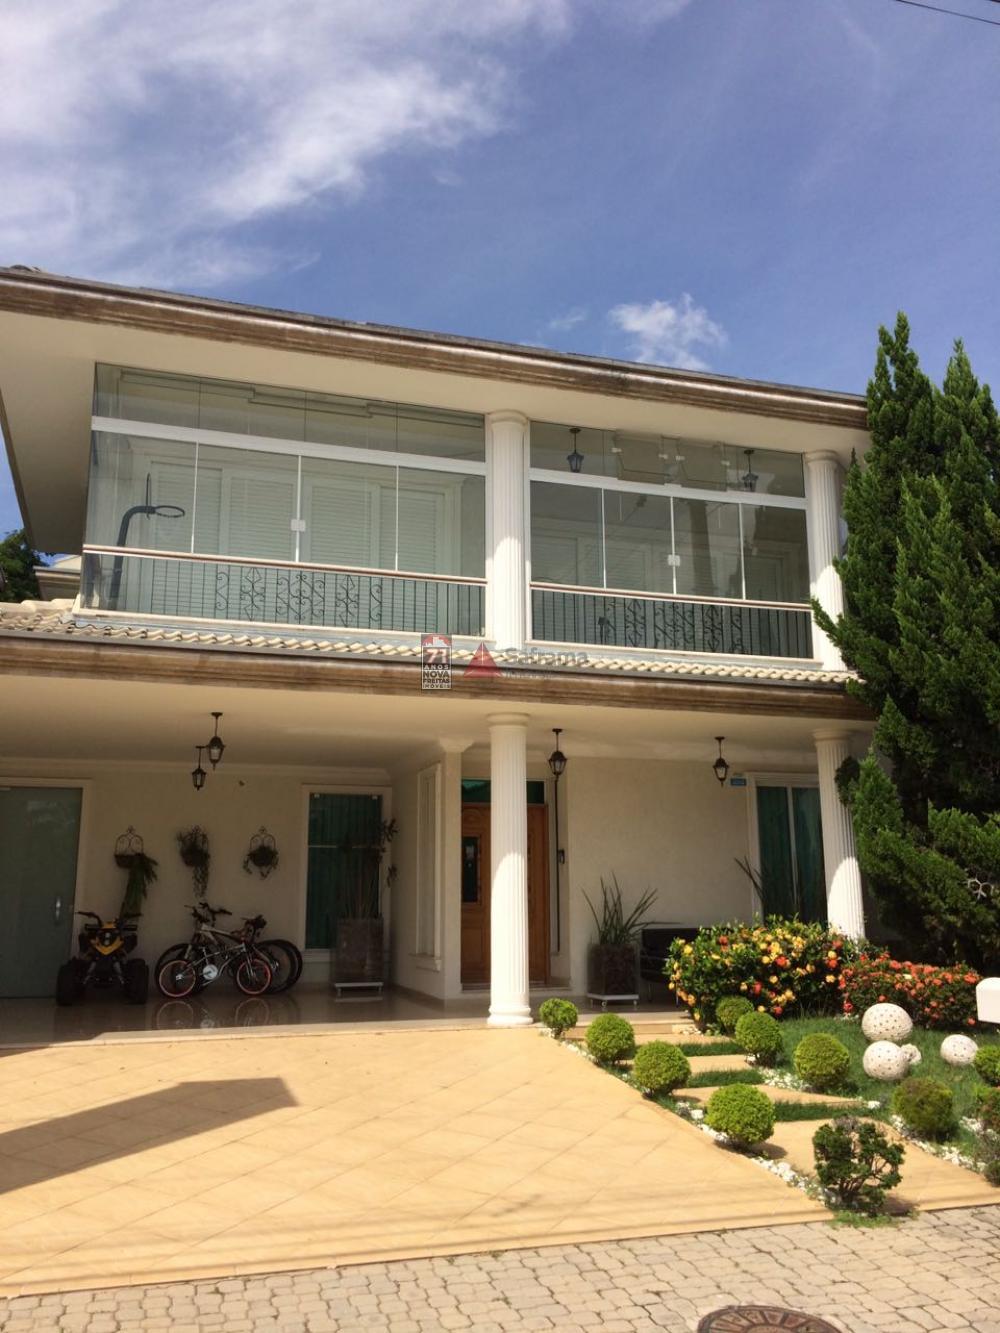 Comprar Casa / Sobrado em Condomínio em São José dos Campos apenas R$ 2.200.000,00 - Foto 31